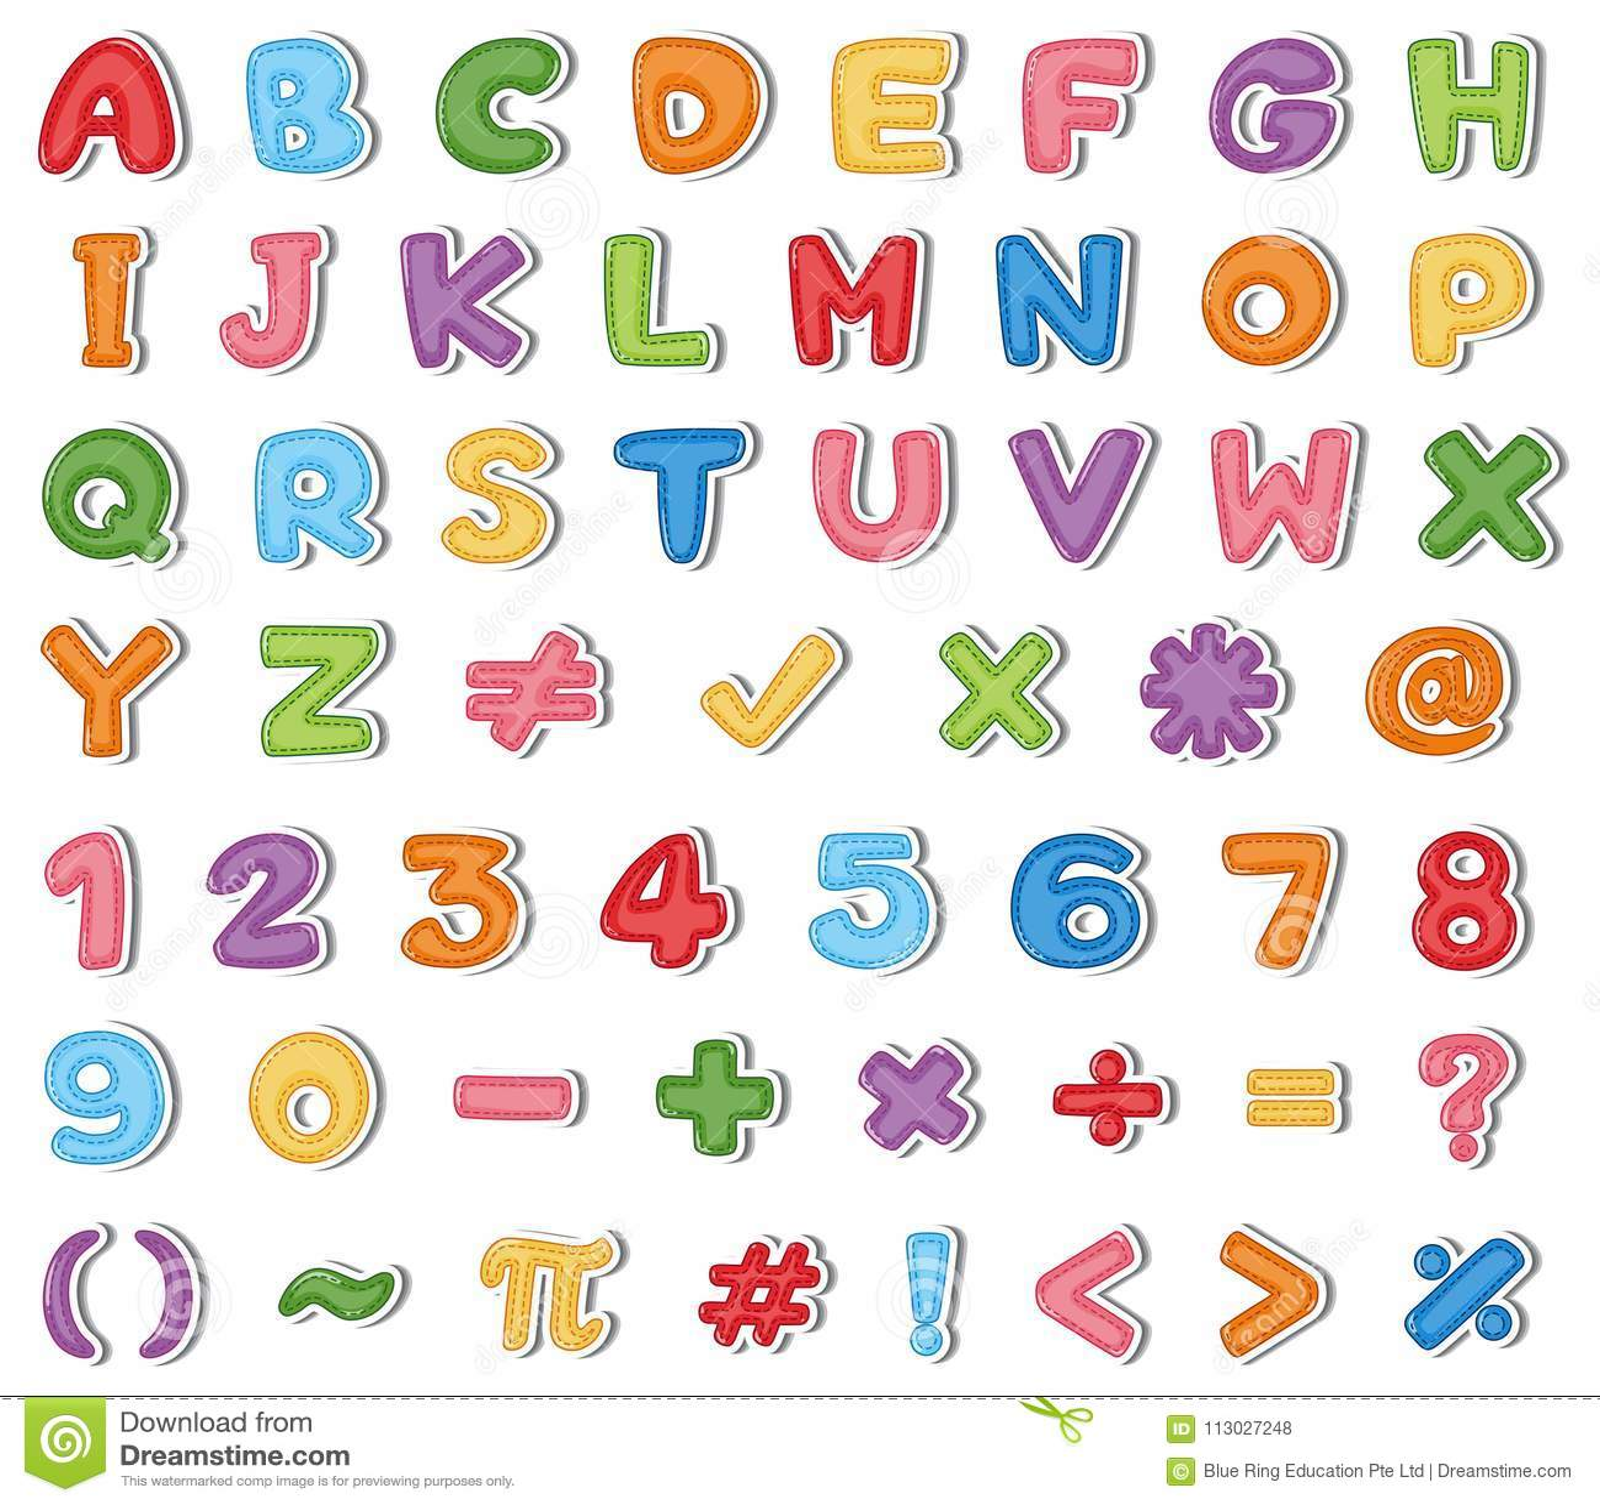 Diseño de la fuente para los alfabetos ingleses y los números en muchos colores